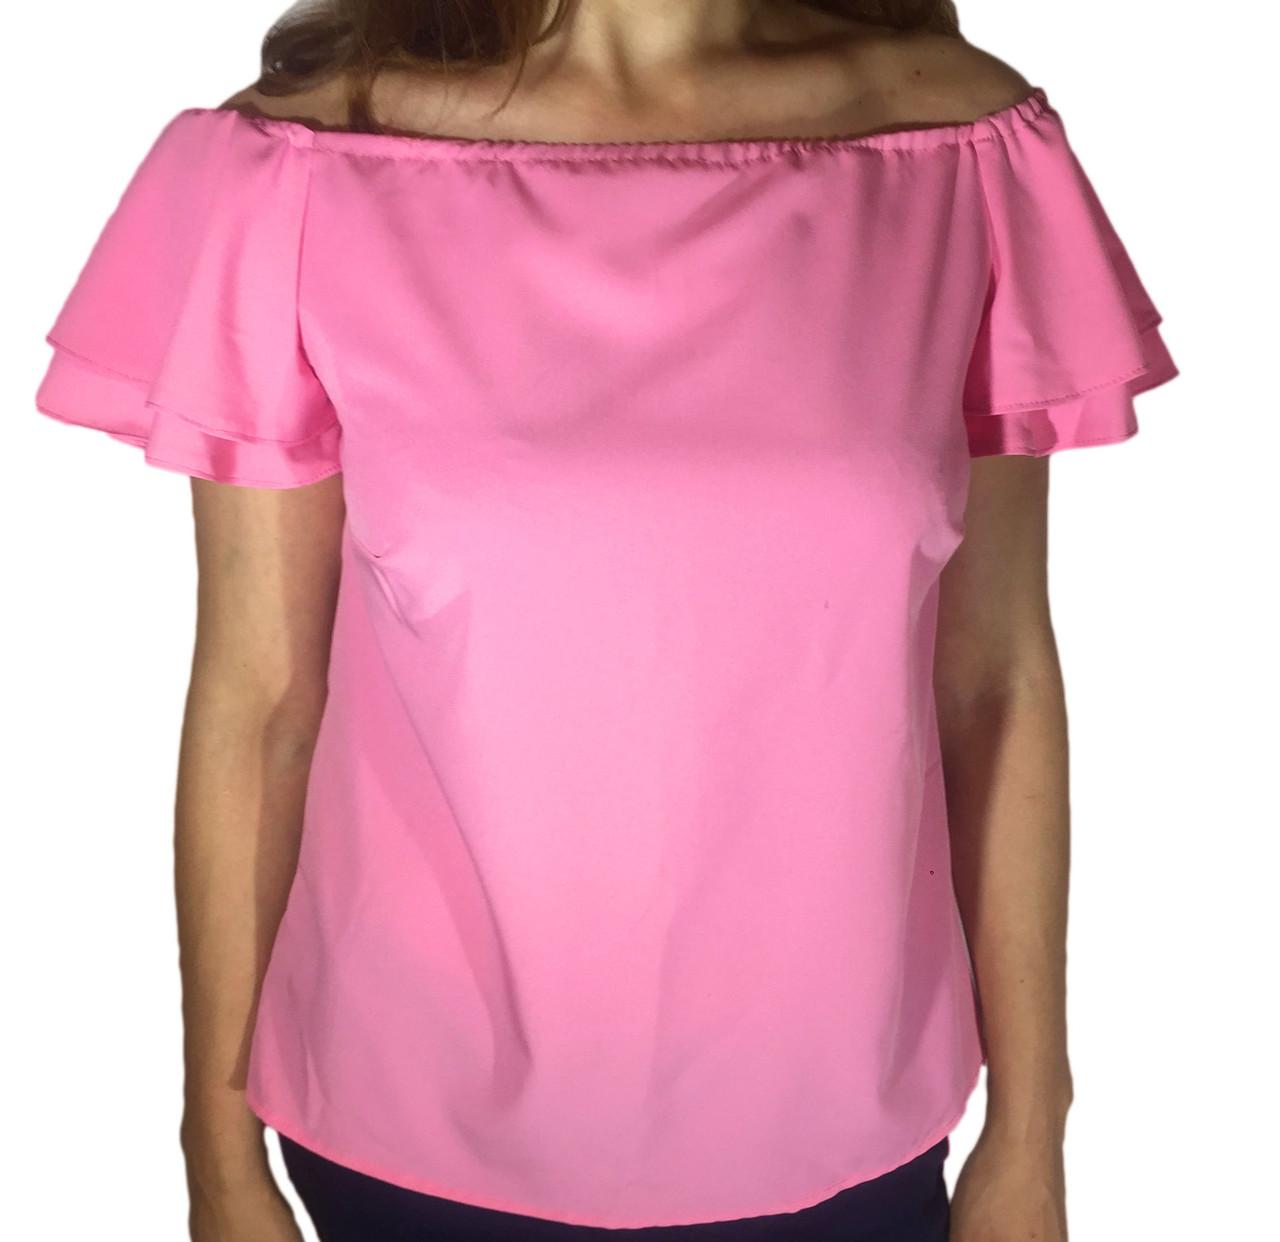 Жіноча блузка з воланом на рукаві рожева